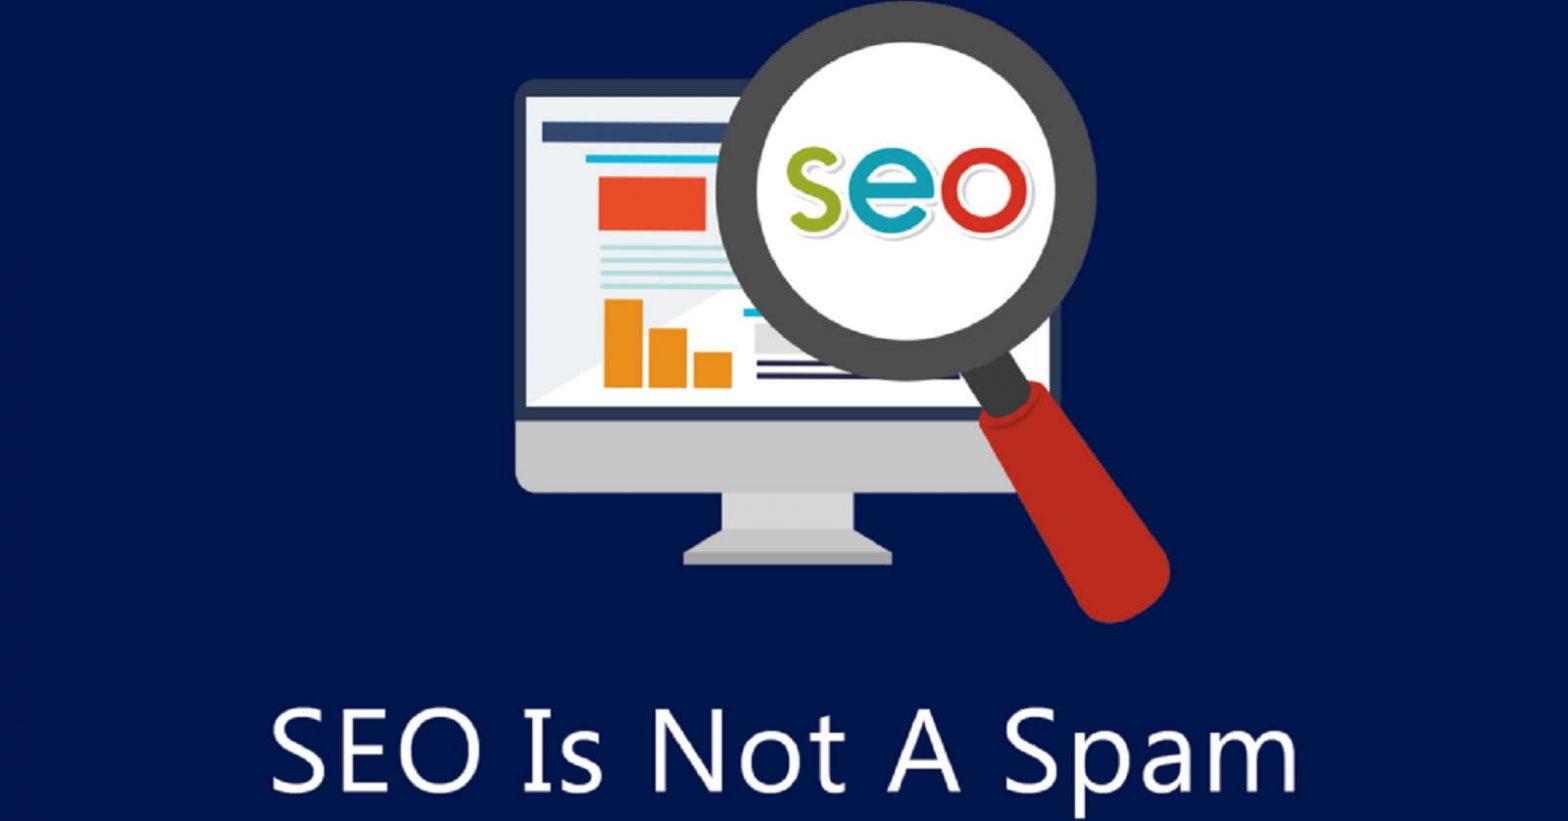 Search Engine Optimisation V's Spam